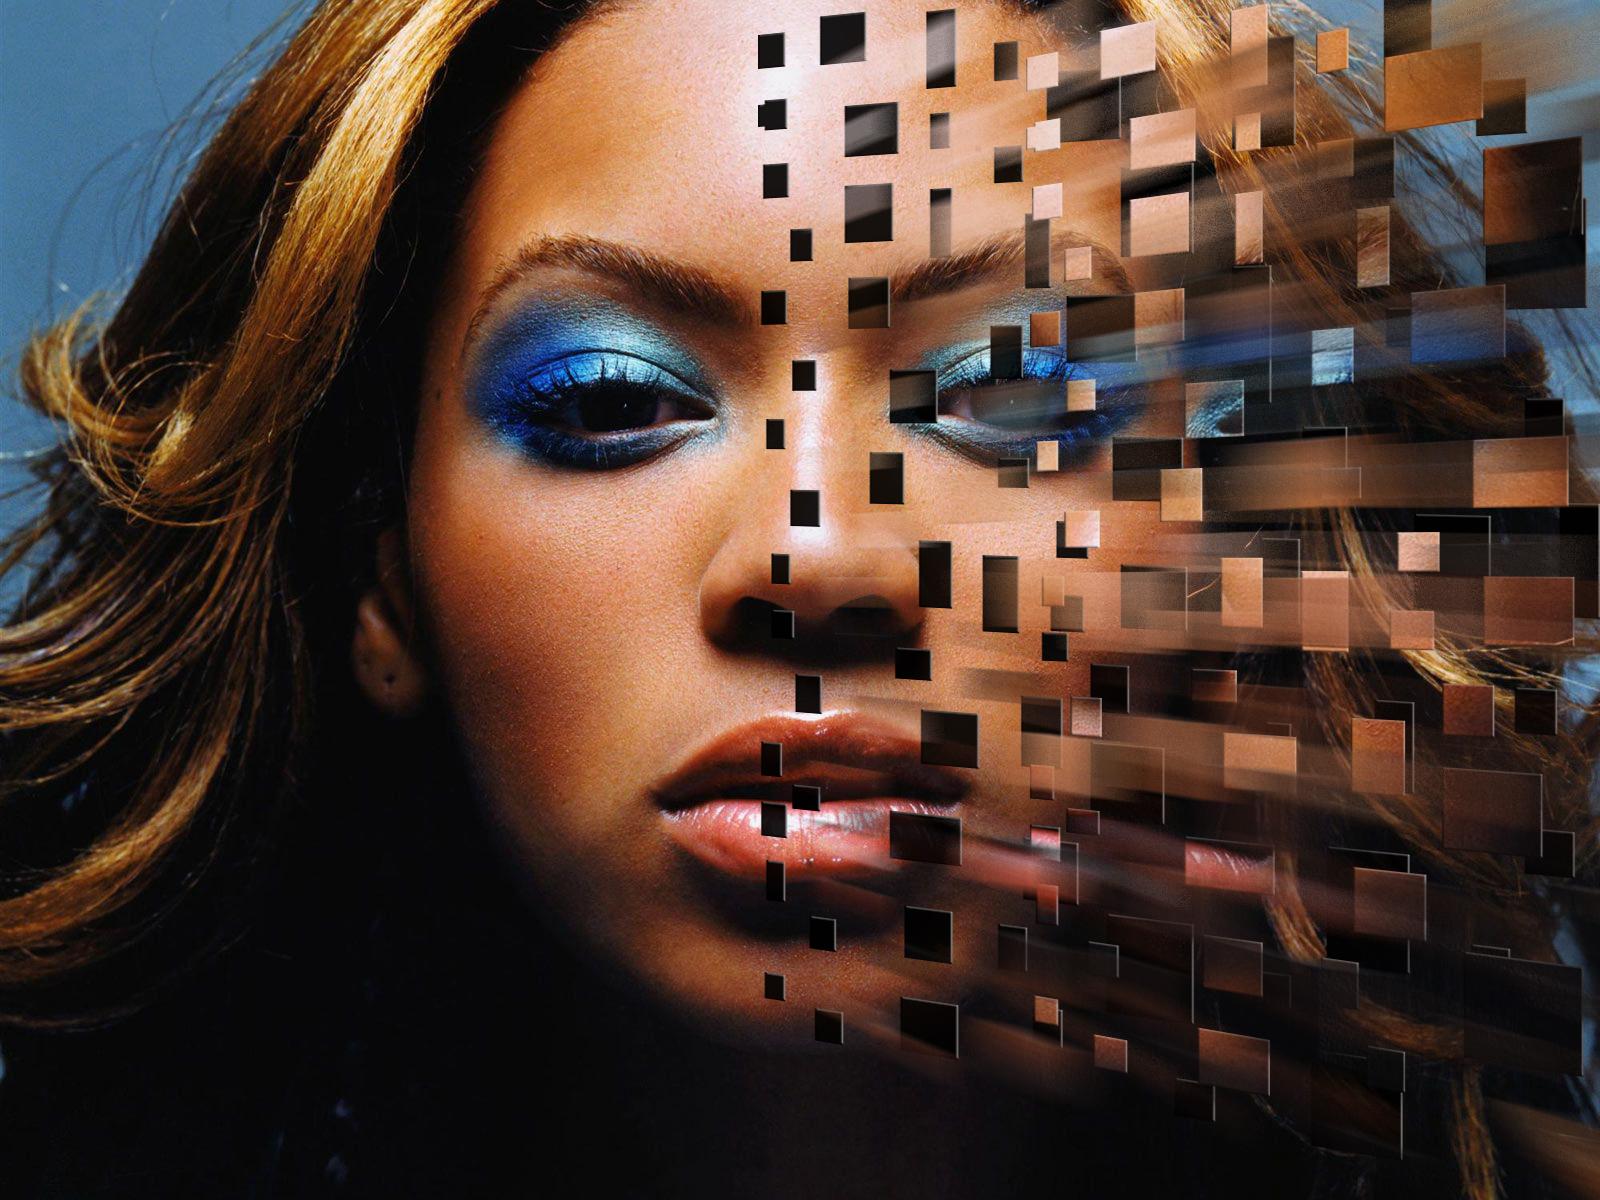 http://2.bp.blogspot.com/-xApNpp63EyU/TdLh5taxMsI/AAAAAAAAACE/uFf6xIPBqyo/s1600/Beyonce-Knowles-701.jpg